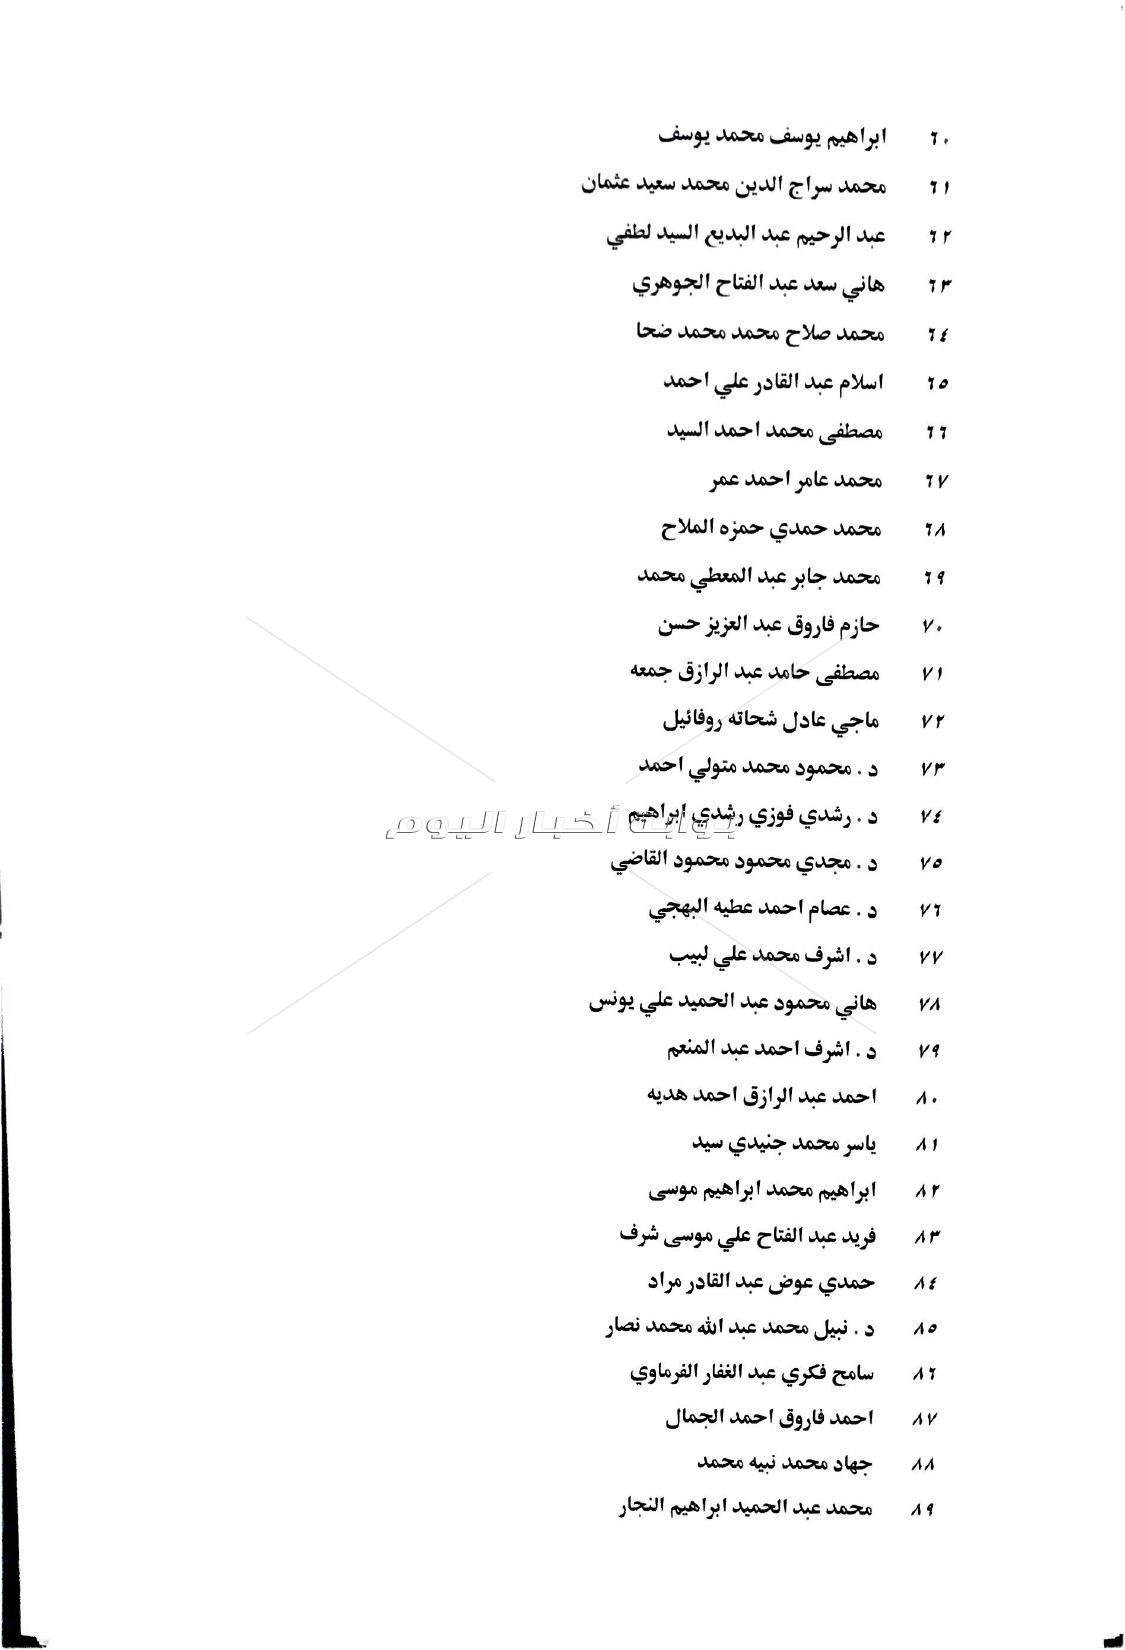 بالاسماء  ترقية 993مستشار بقضايا الدولة الى درجات مختلفة